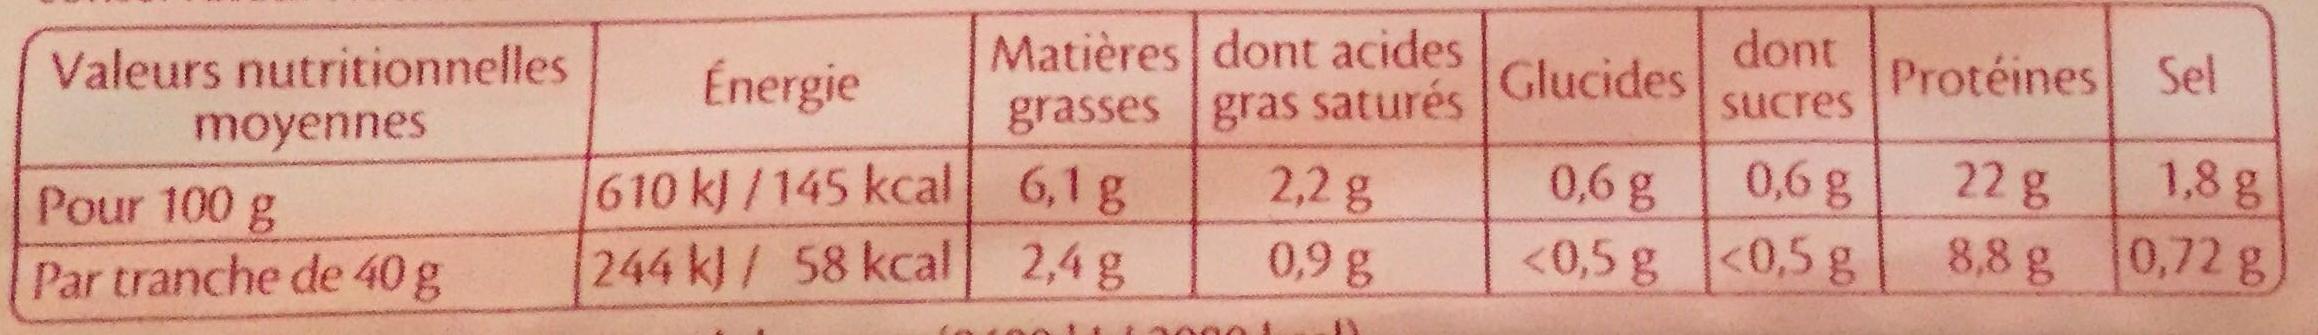 Le fumé au bois de chêne - 4 tr. - Informations nutritionnelles - fr